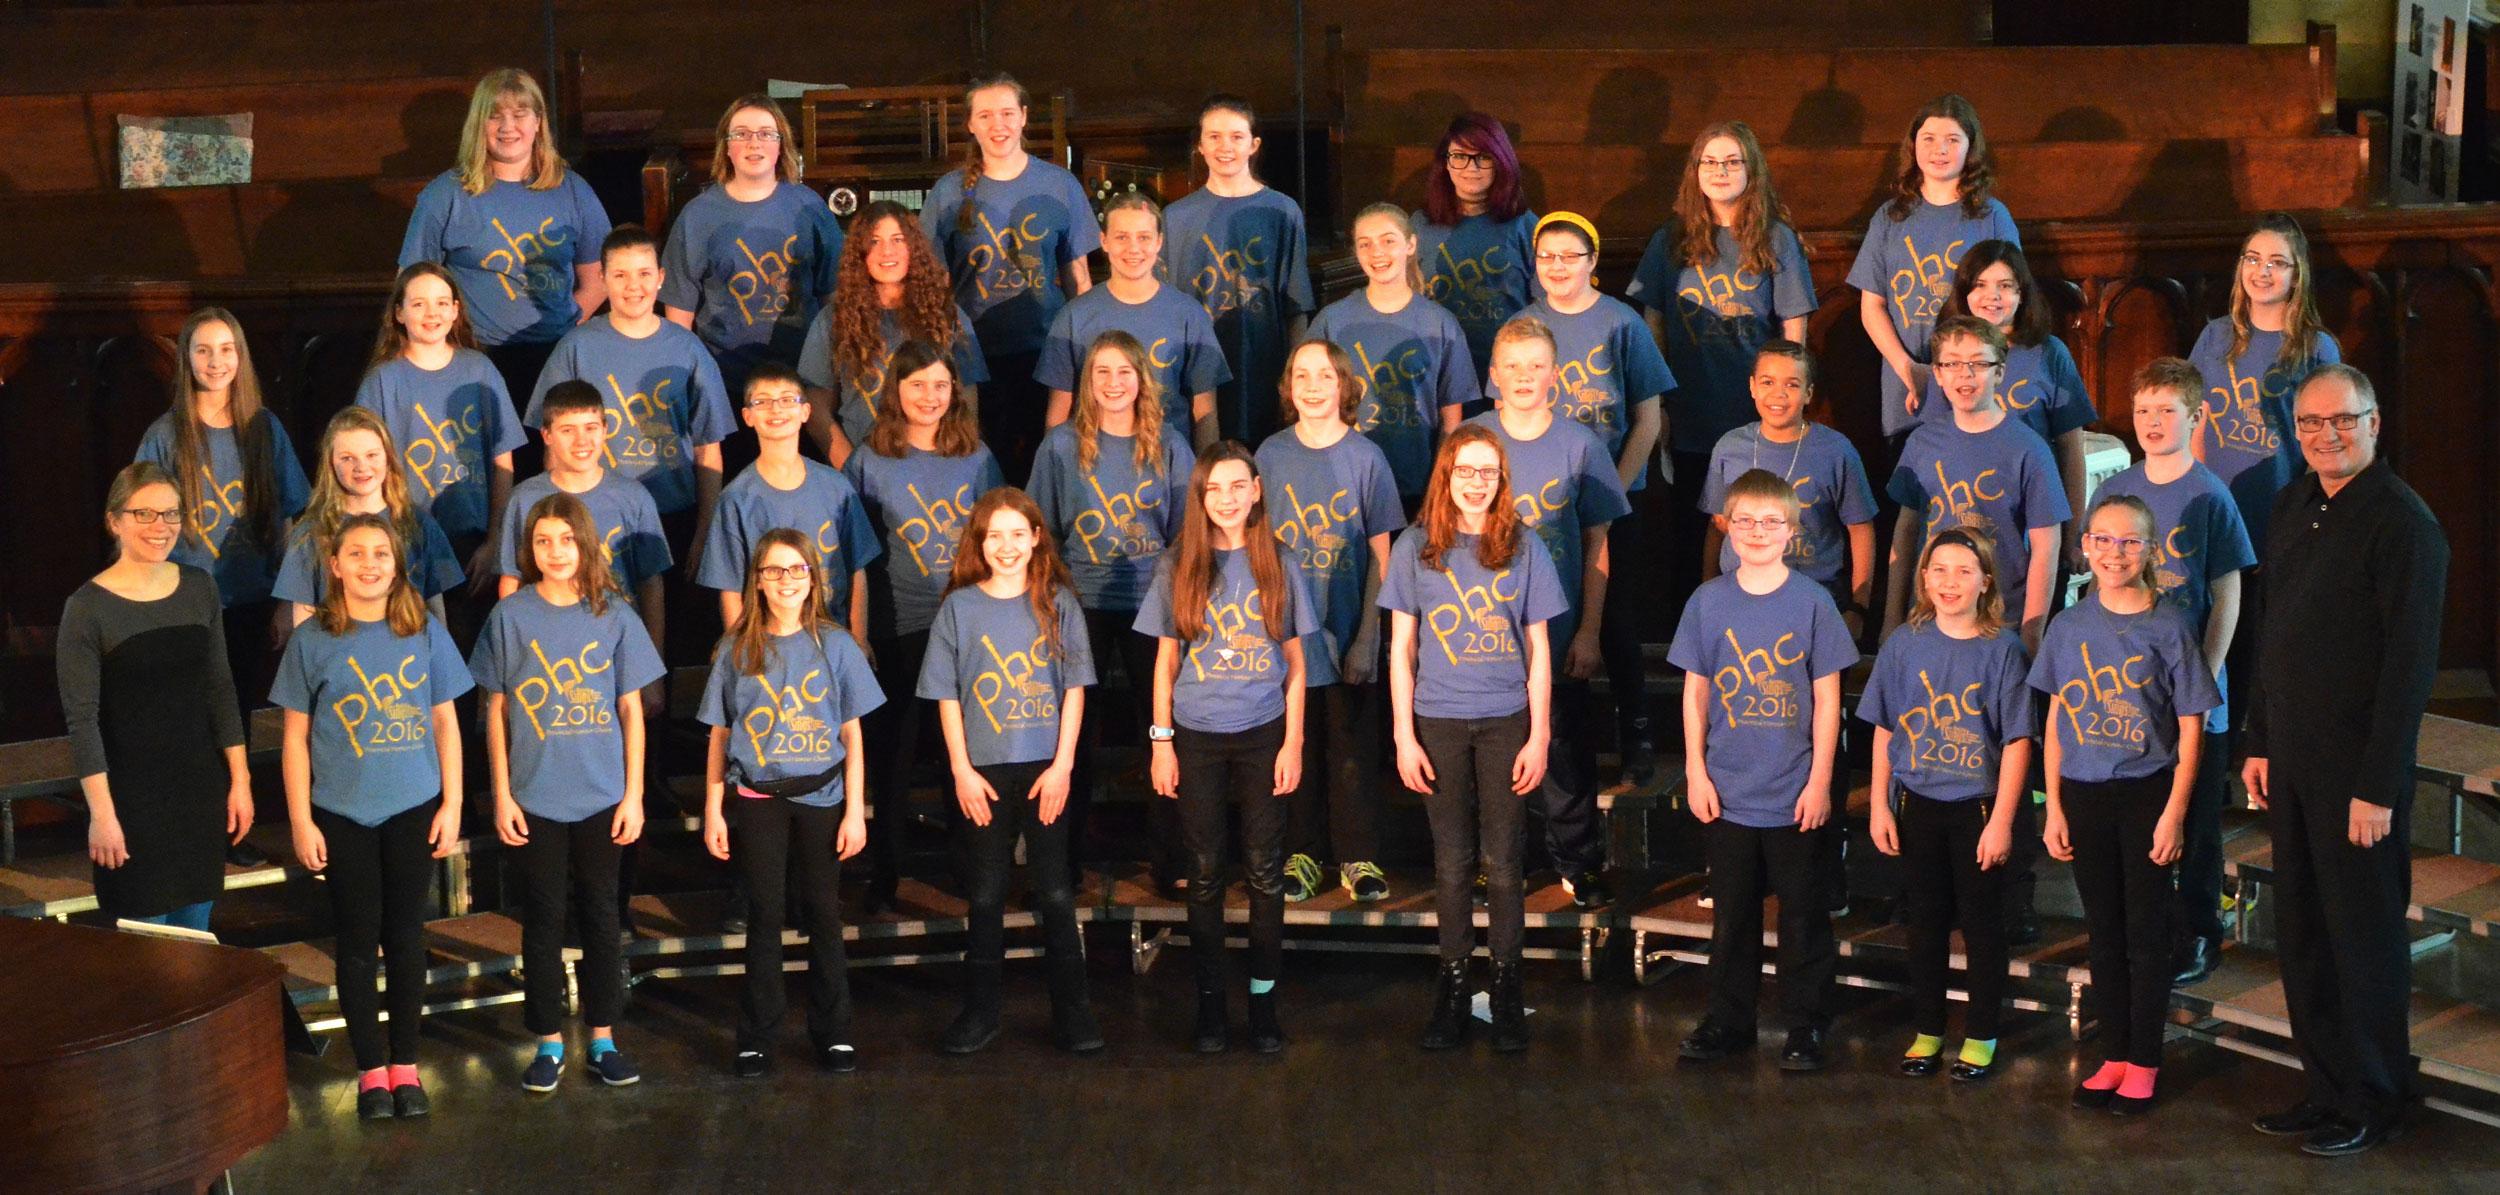 PHC 2016 Junior Choir - Doug Pankratz, conductor